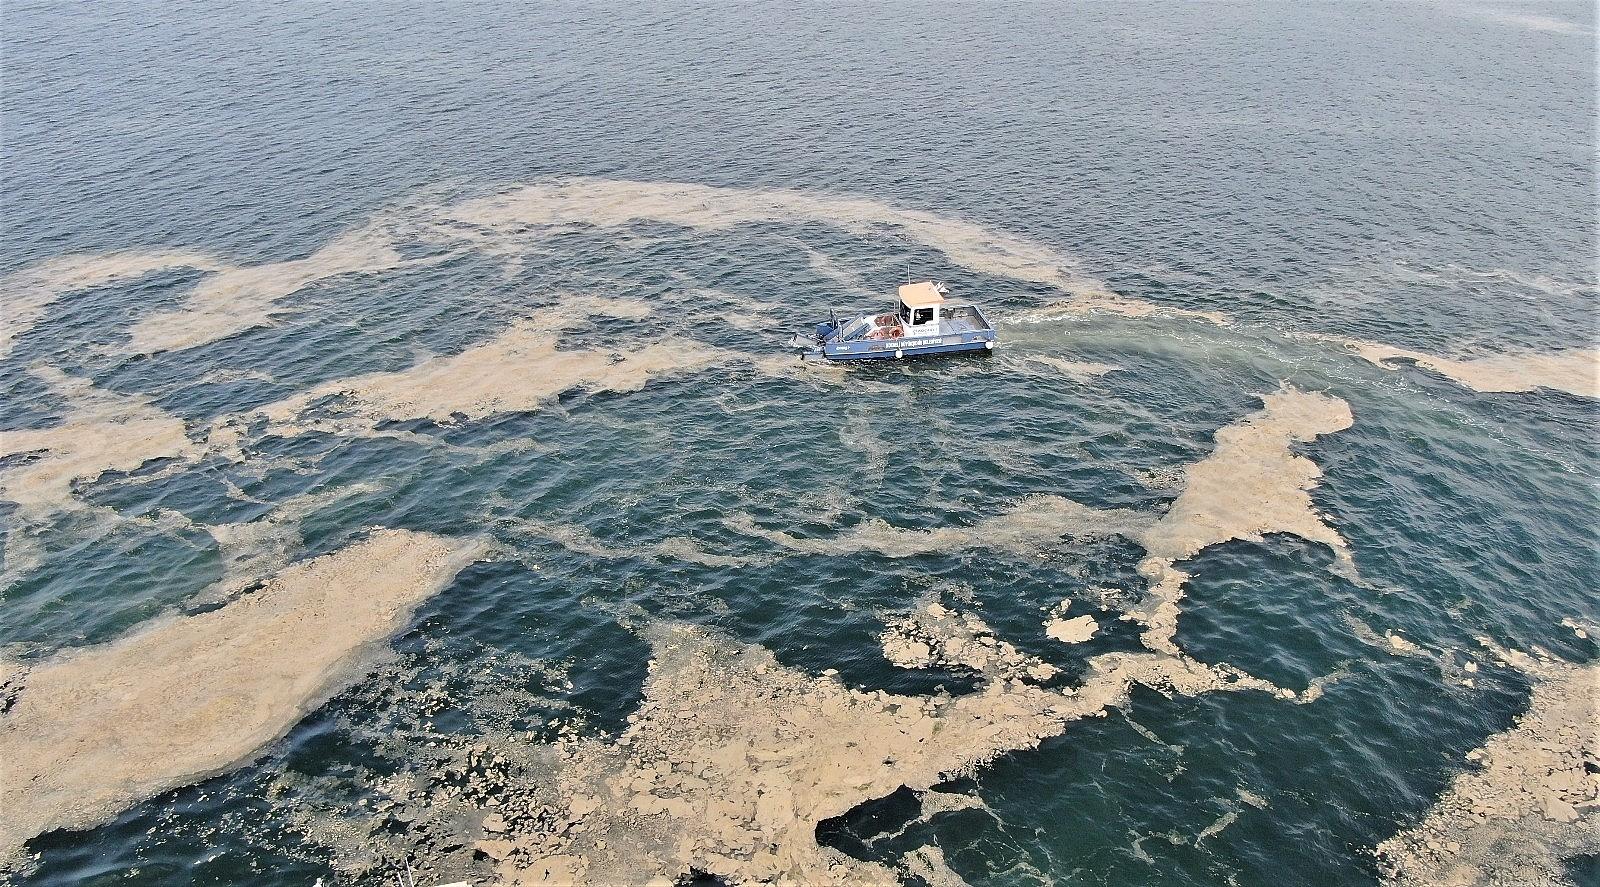 2021/05/deniz-salyasinin-istila-ettigi-izmit-korfezi-eski-haline-donuyor-20210510AW31-2.jpg